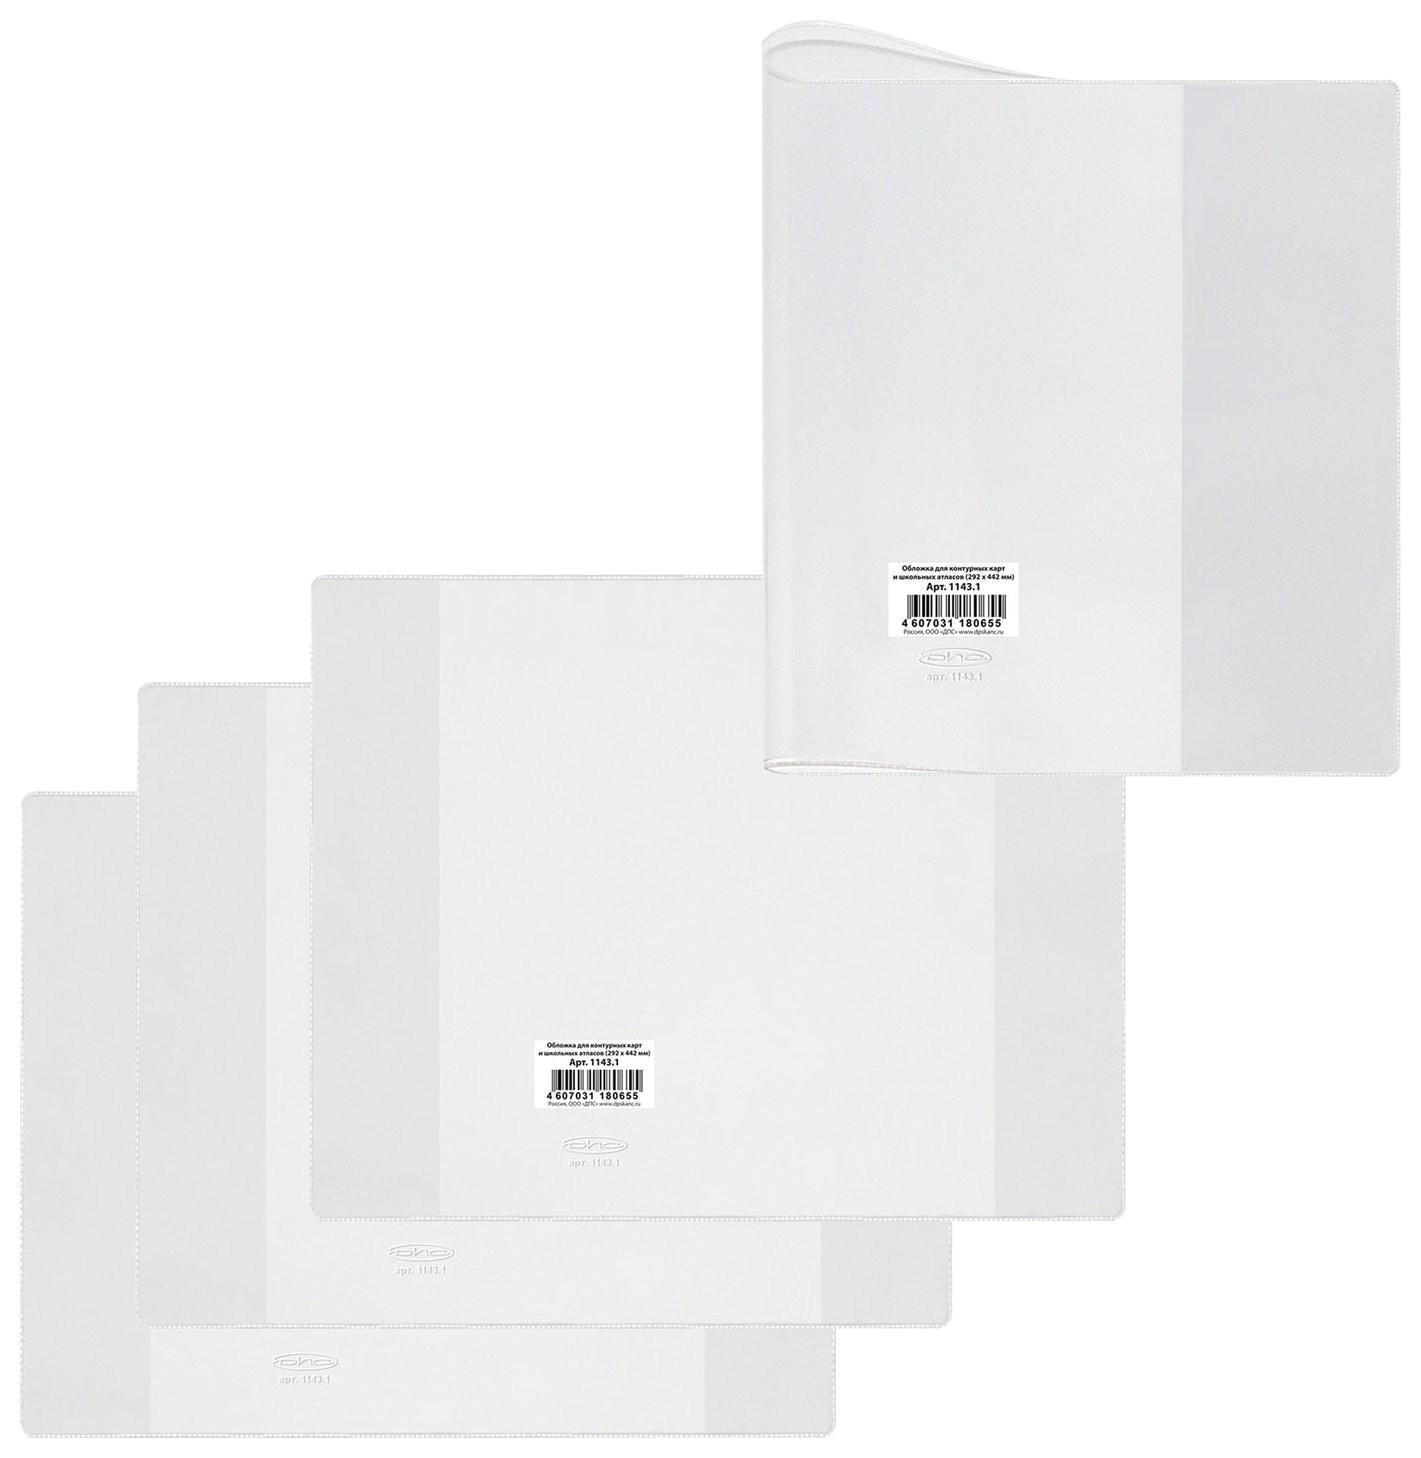 Обложка ПВХ для учебника и тетради А4, контурных карт, атласов, прозрачная, плотная, 120 мкм, 292х442 мм  Dps Kanc